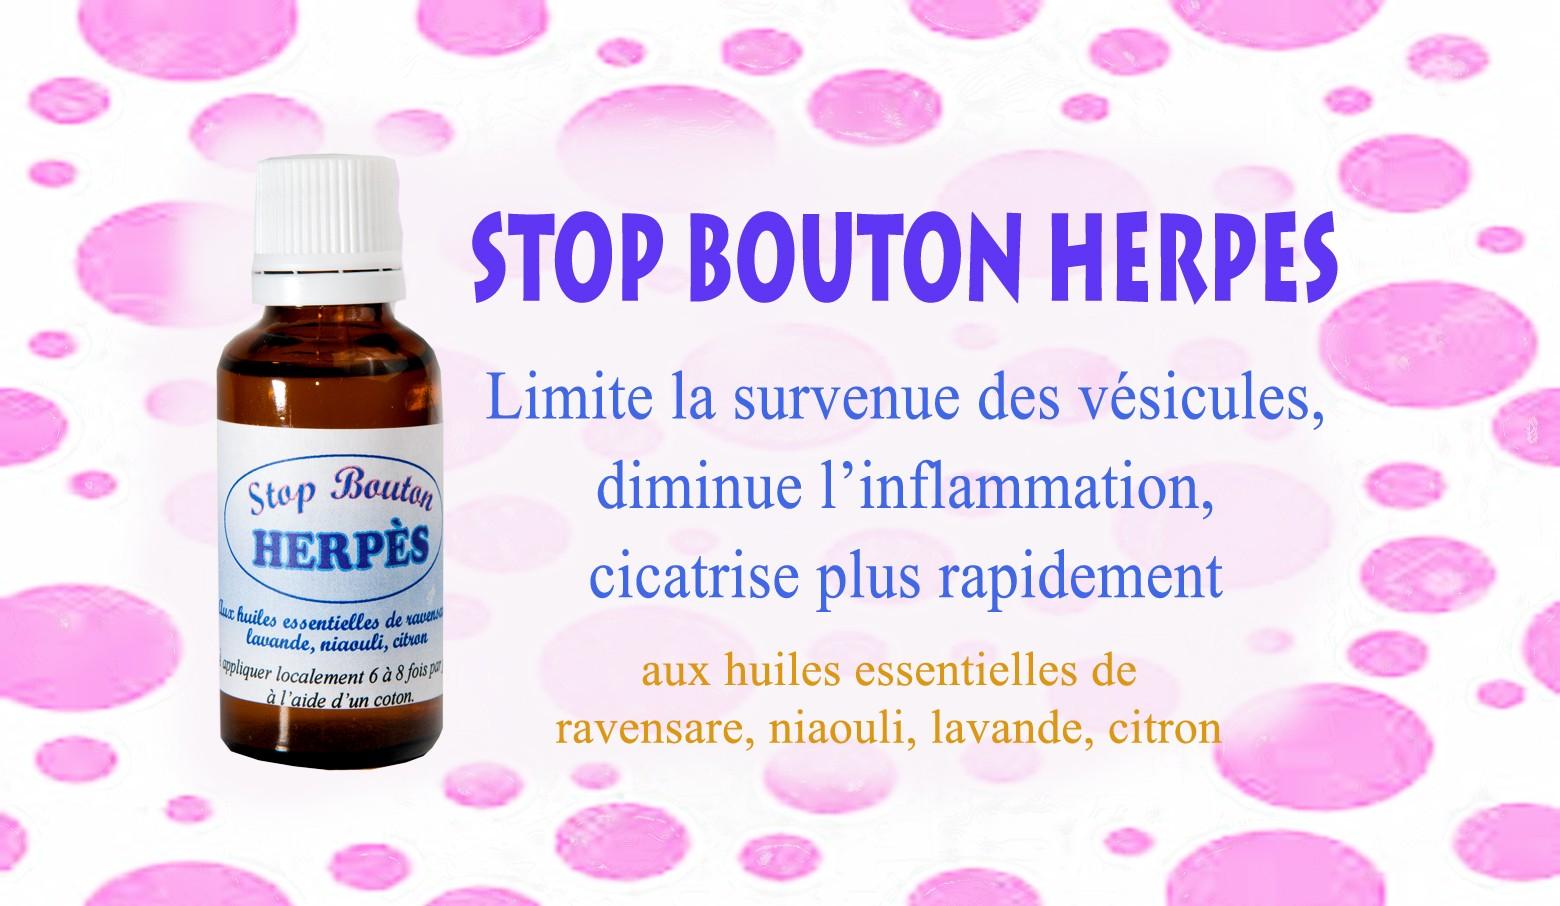 Traitement de l'herpès par les huiles essentielles